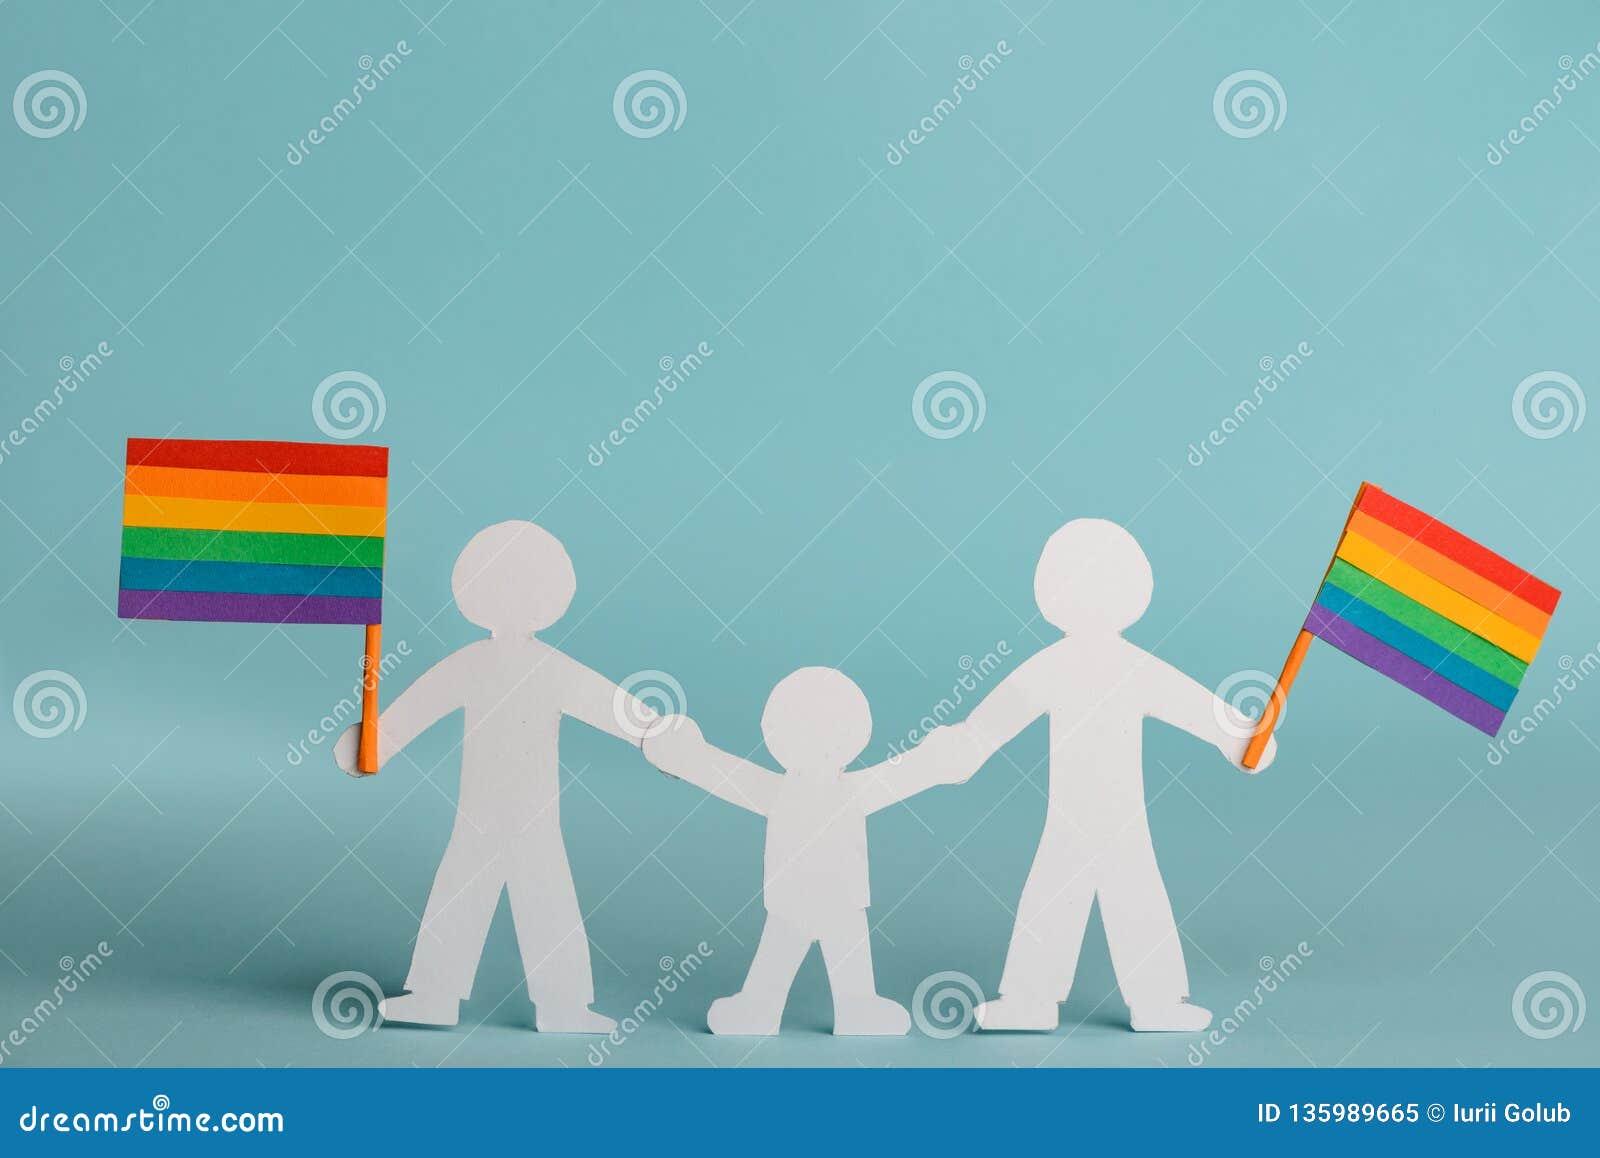 Gay family celebrates LGBT pride